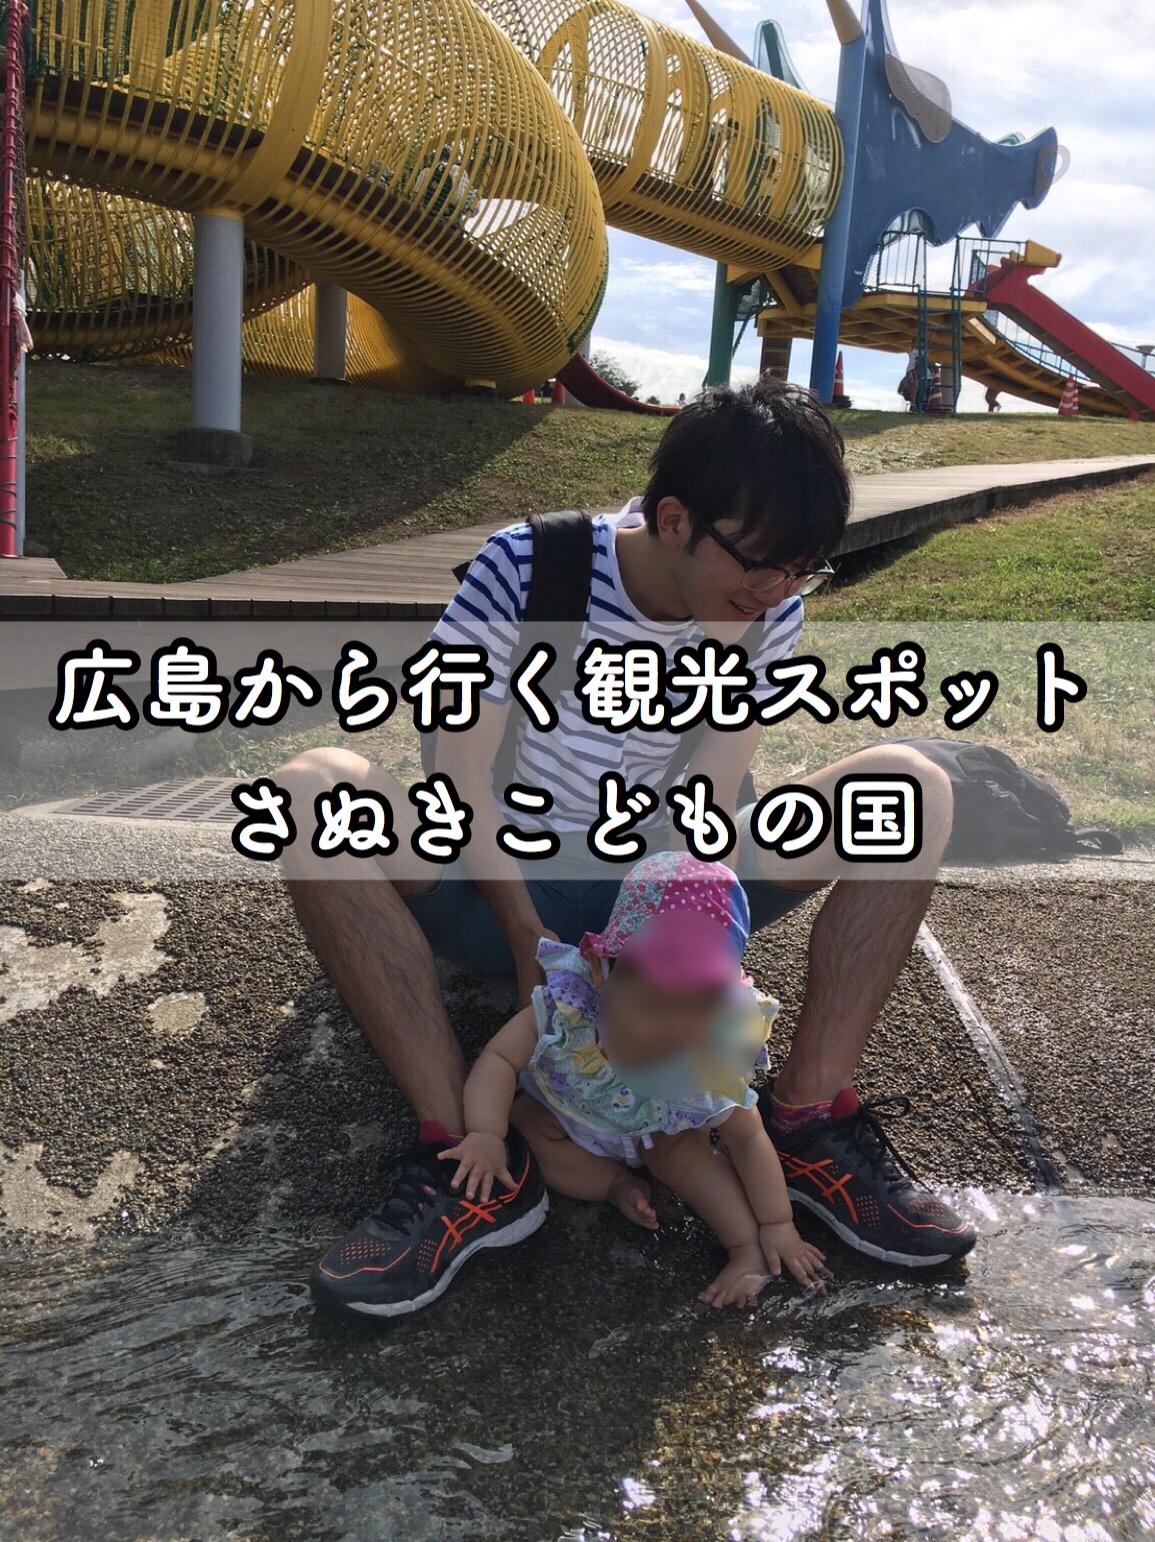 広島から行く観光スポット「香川県高松市 さぬきこどもの国」